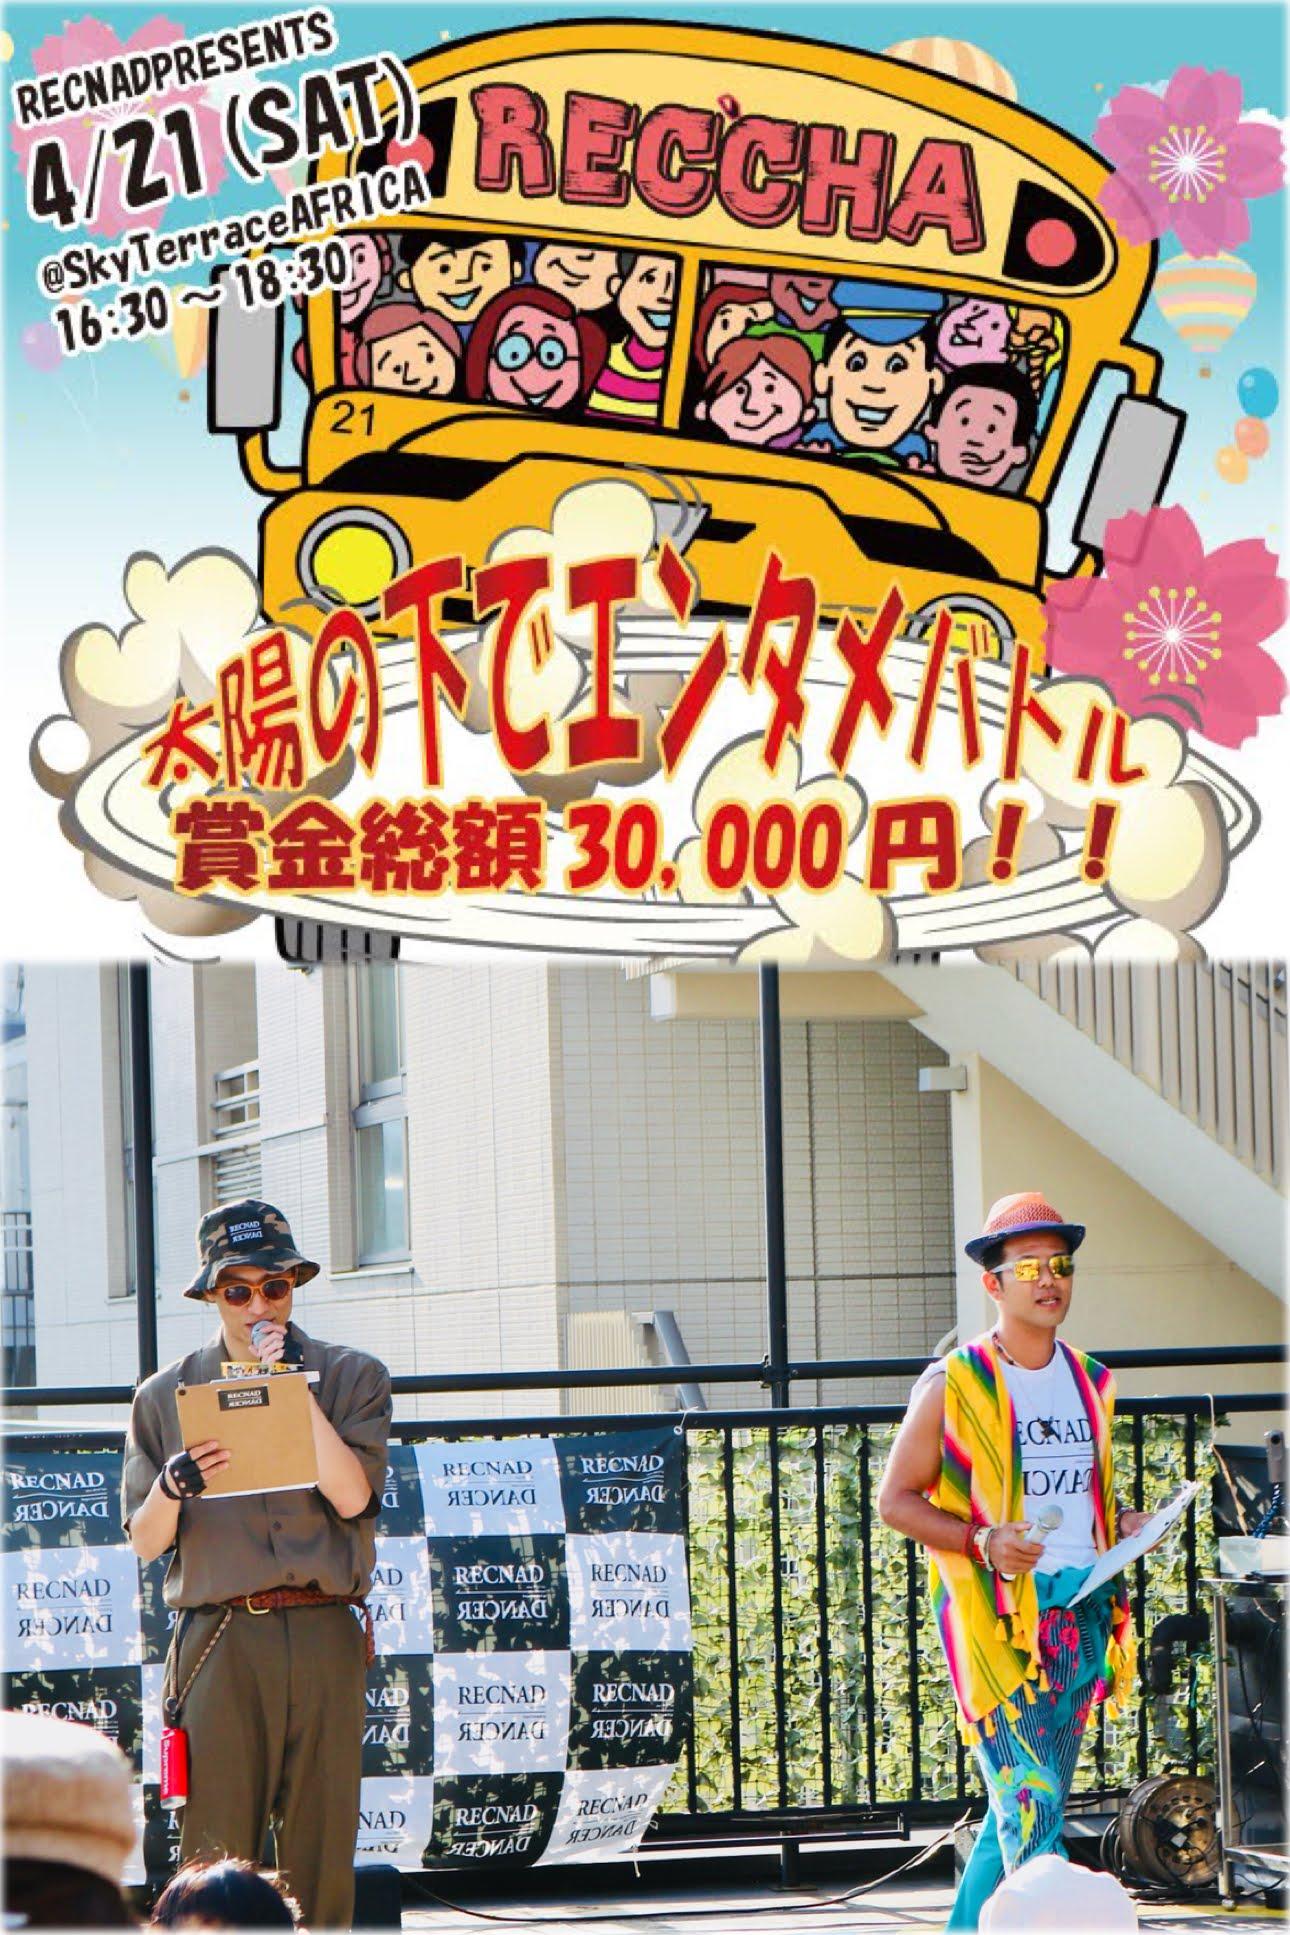 DJバス HAMMERのULTIMATE PARTY BUSとコラボレーションのポスター